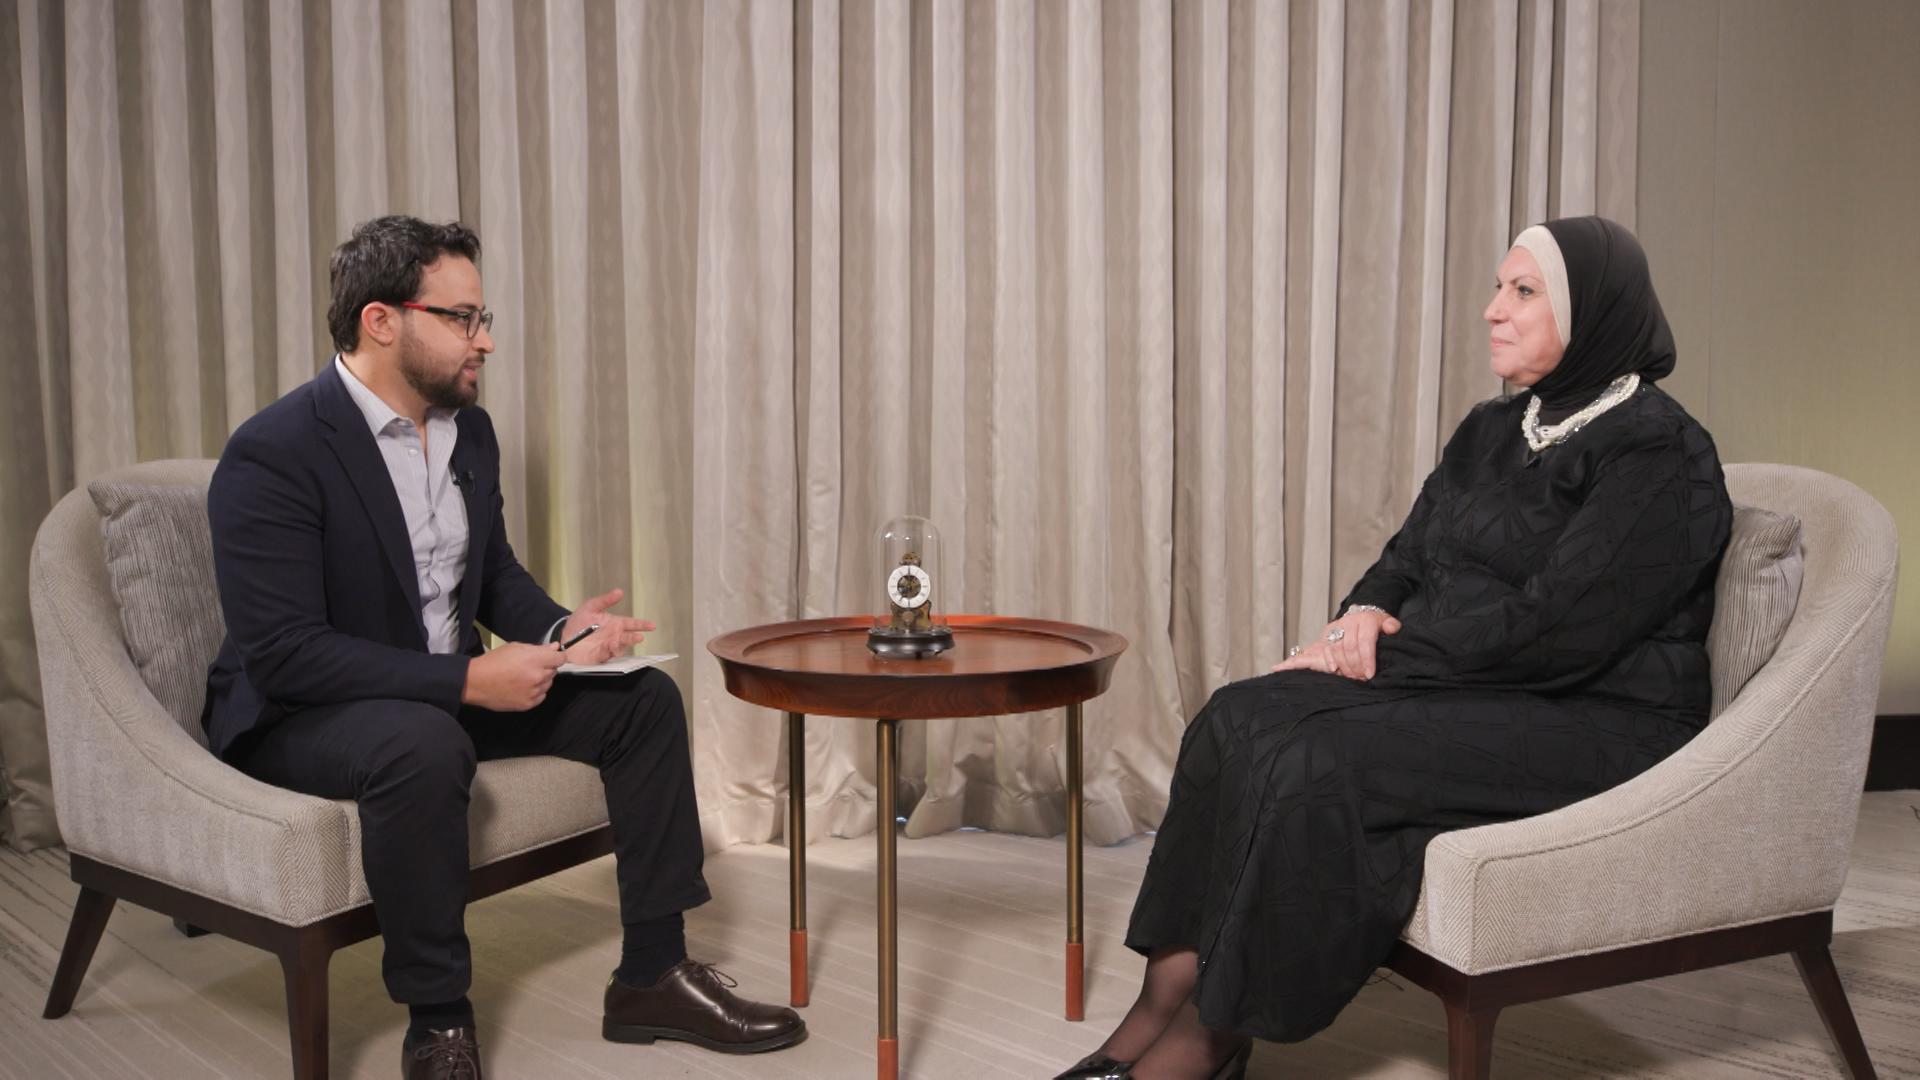 كشفت نيفين جامع، وزيرة التجارة والصناعة المصرية في حديثها للشرق عن ارتفاع أعداد المصانع في مصر بنسبة 17% في الربع الأخير من العام المالي الماضي 2020-2021، وهو معدل قياسي - على حد قول الوزيرة - عند المقارنة بالفترات السابقة.